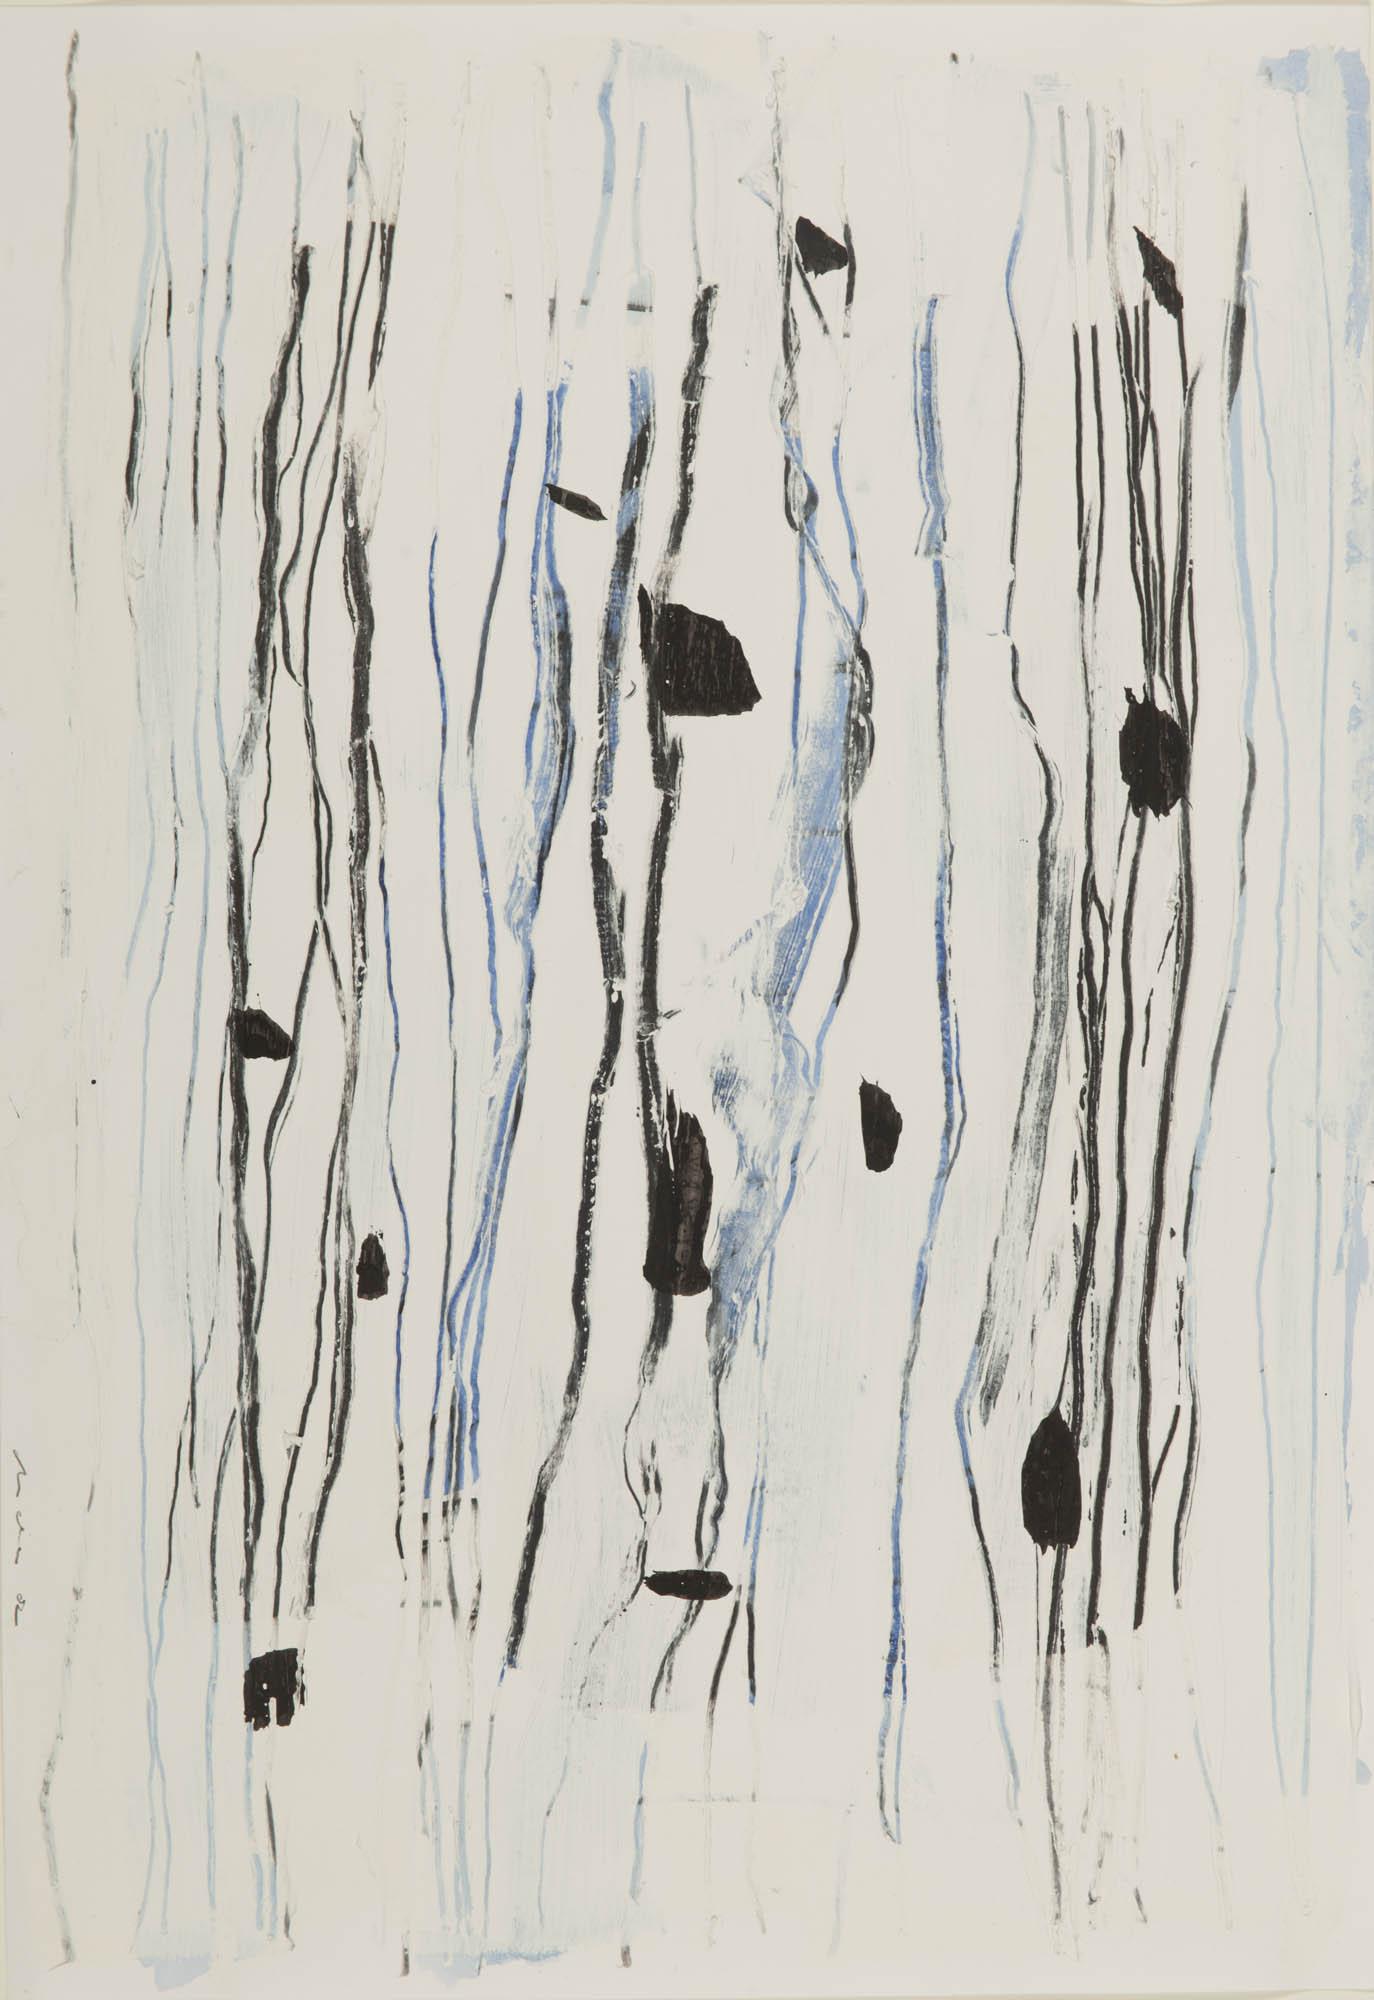 Bild: Michael C. Peters, 2001-2011 - Akryl, Tusche, Stift auf Papier - 30 x 40